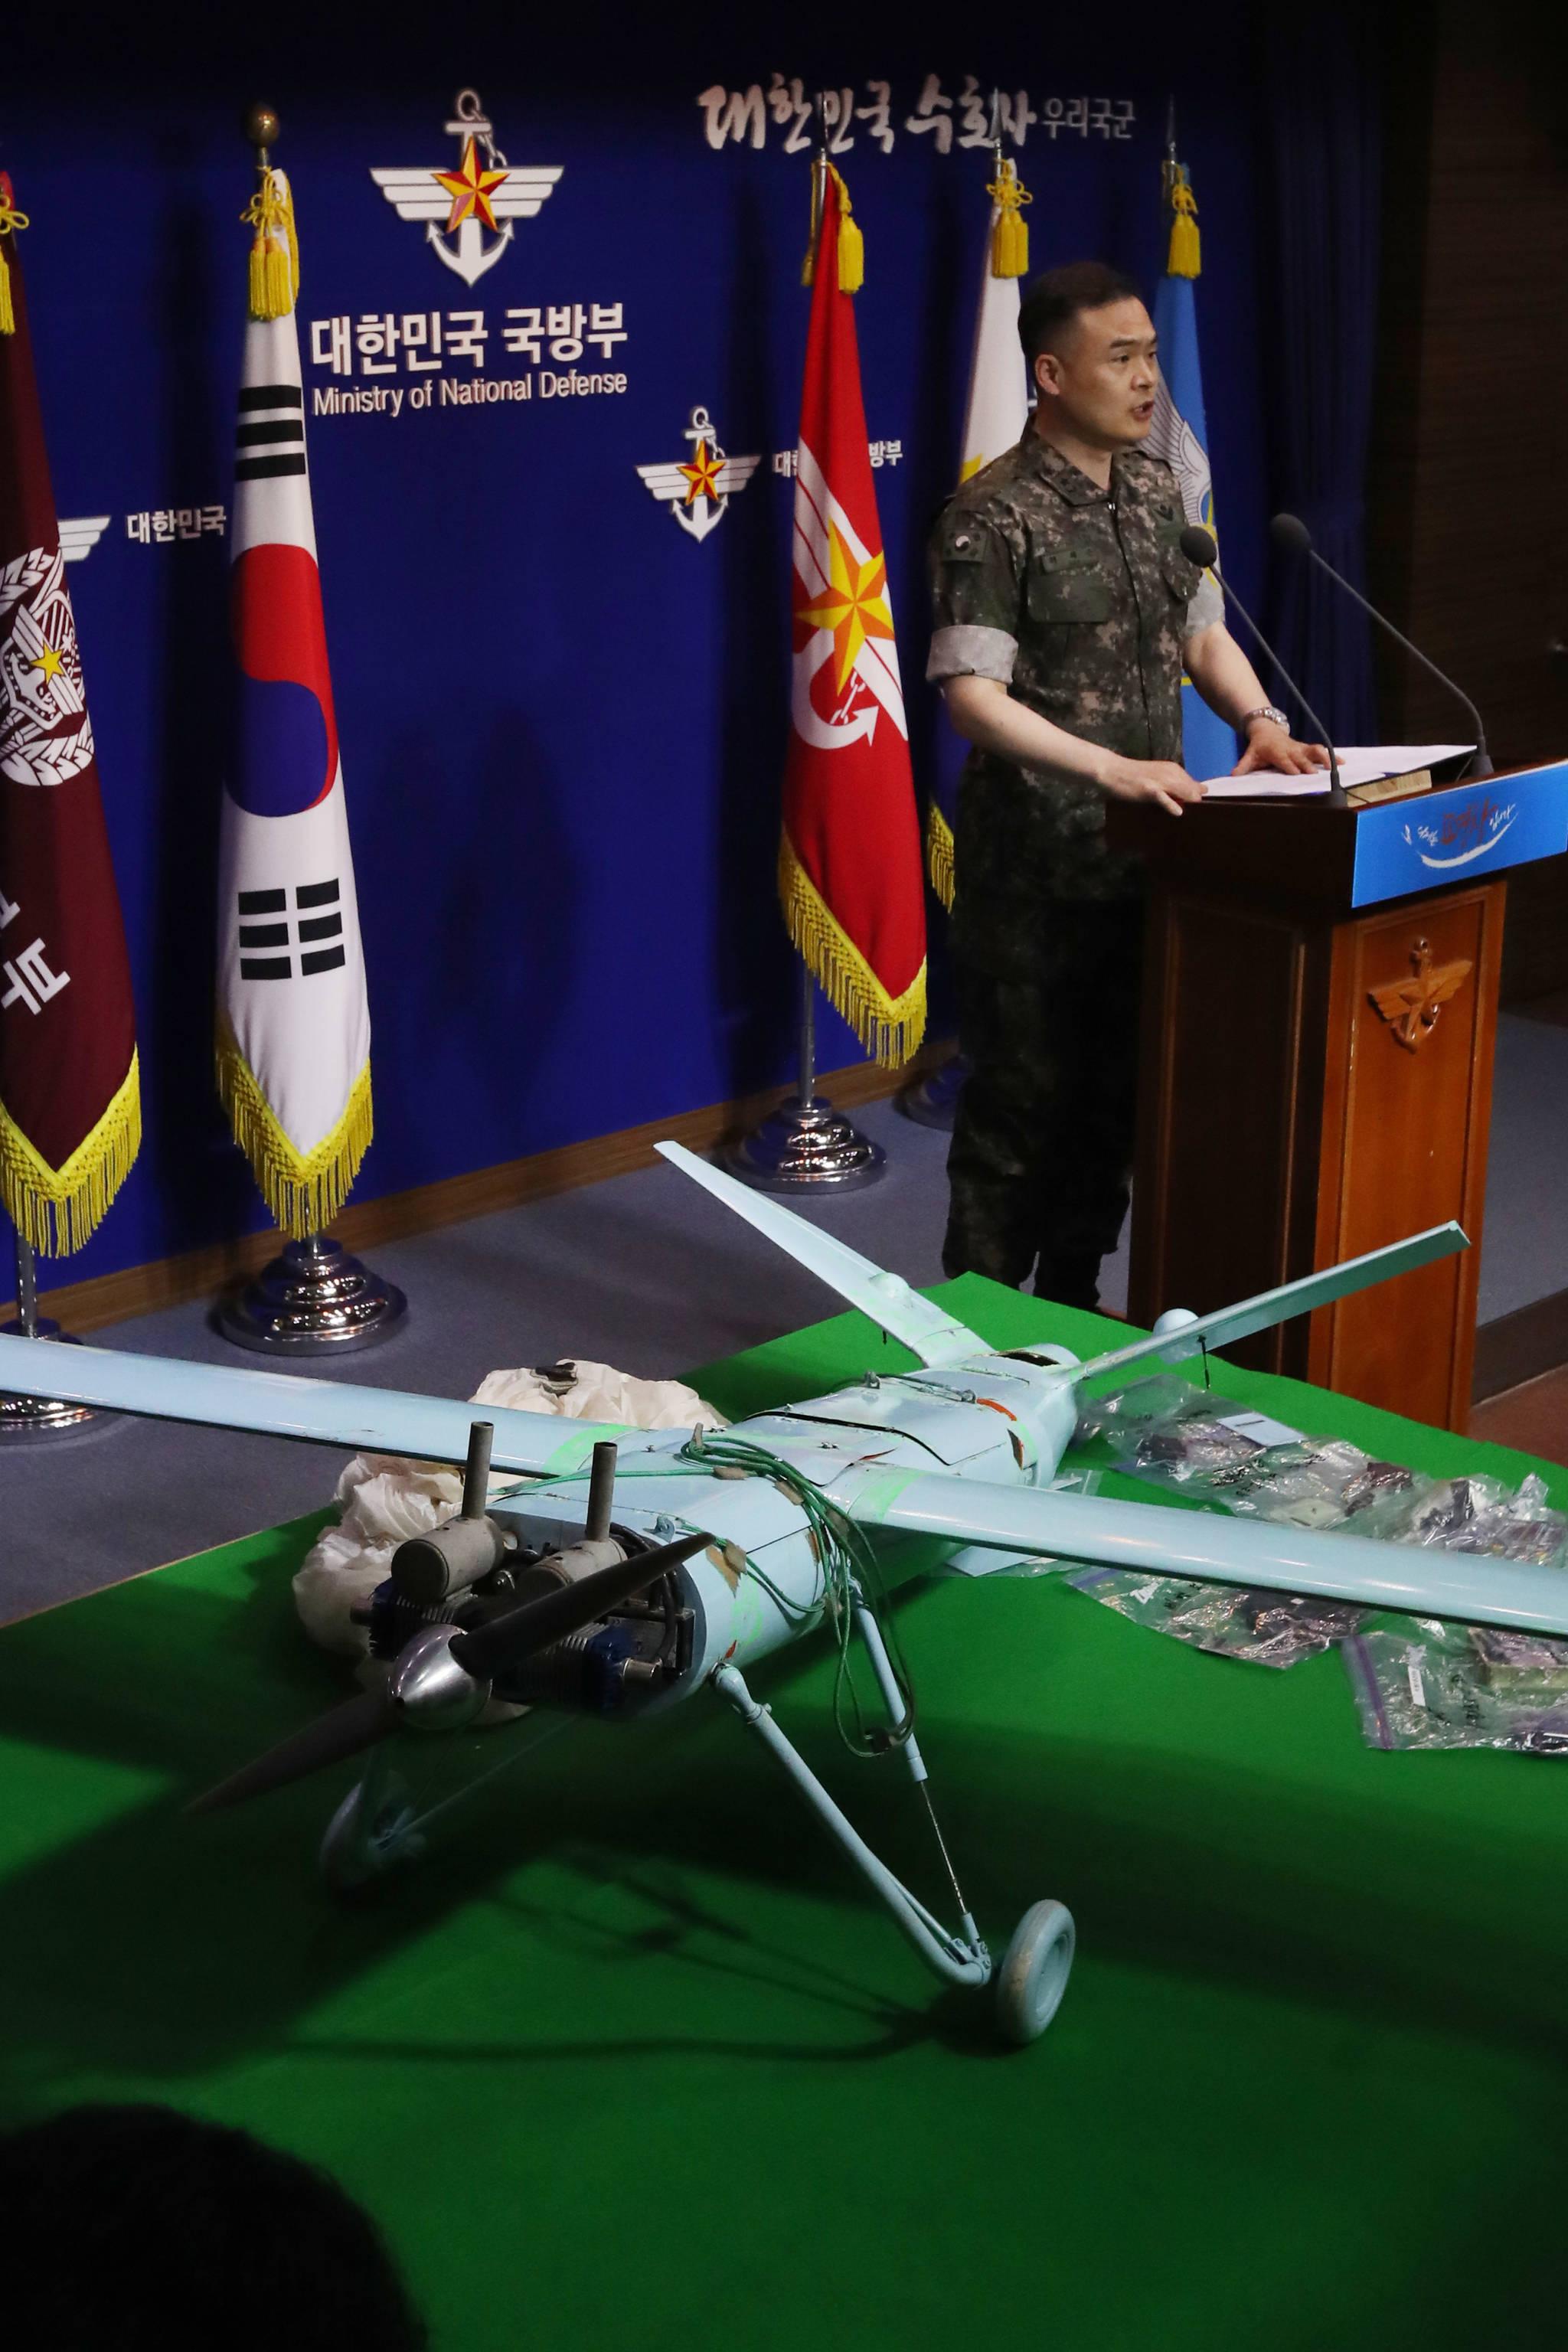 전동진 합동참모본부 작전1처장이 21일 서울 국방부 브리핑룸에서 대북 경고 성명을 발표하고 있다. 김경록 기자